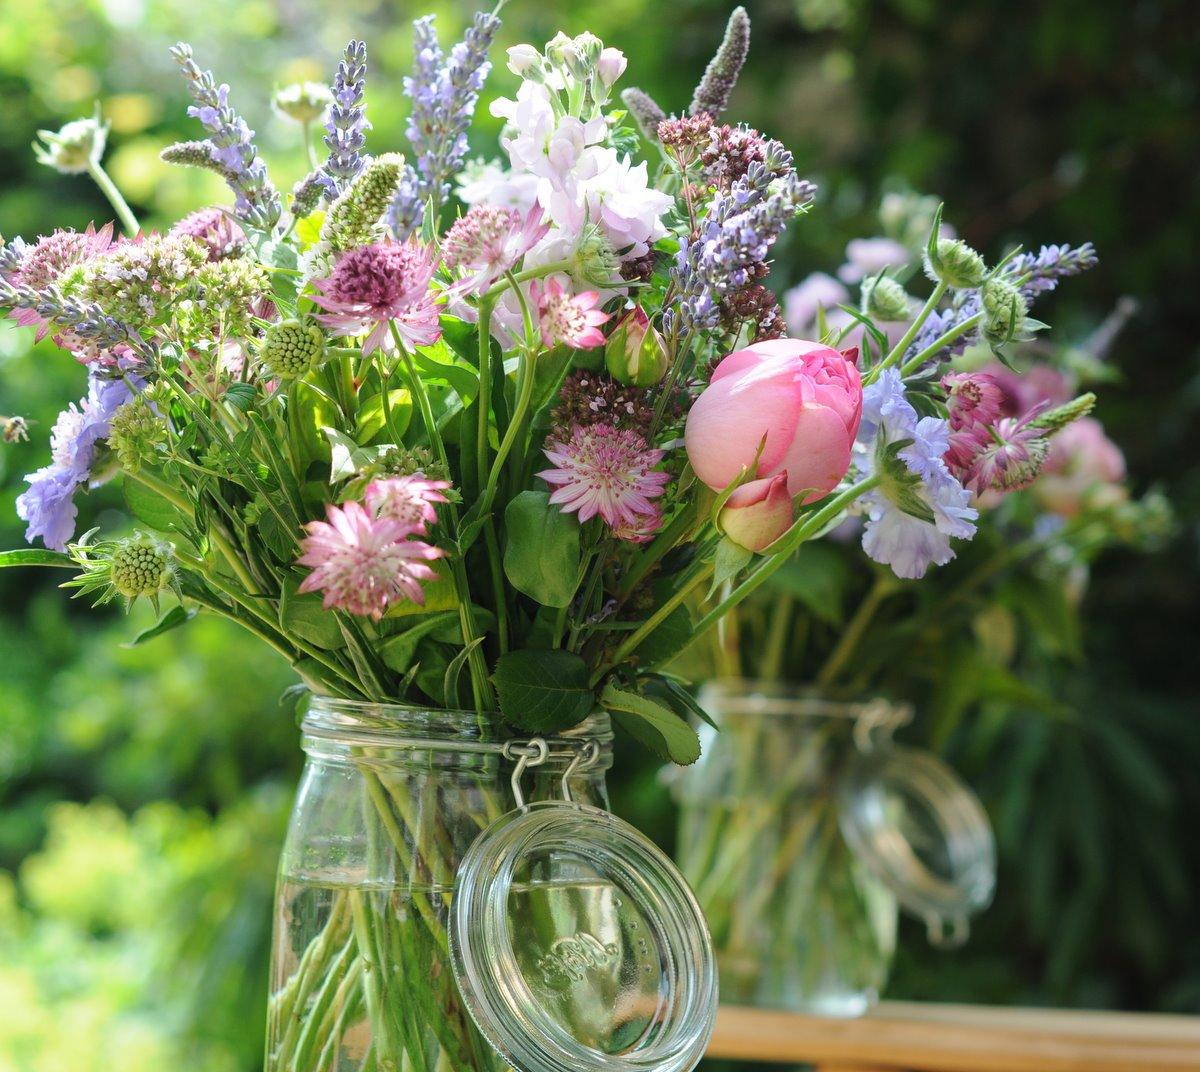 Flowers In Jars Wedding: Spriggs Florist: Kilner Jars & English Summer Flowers